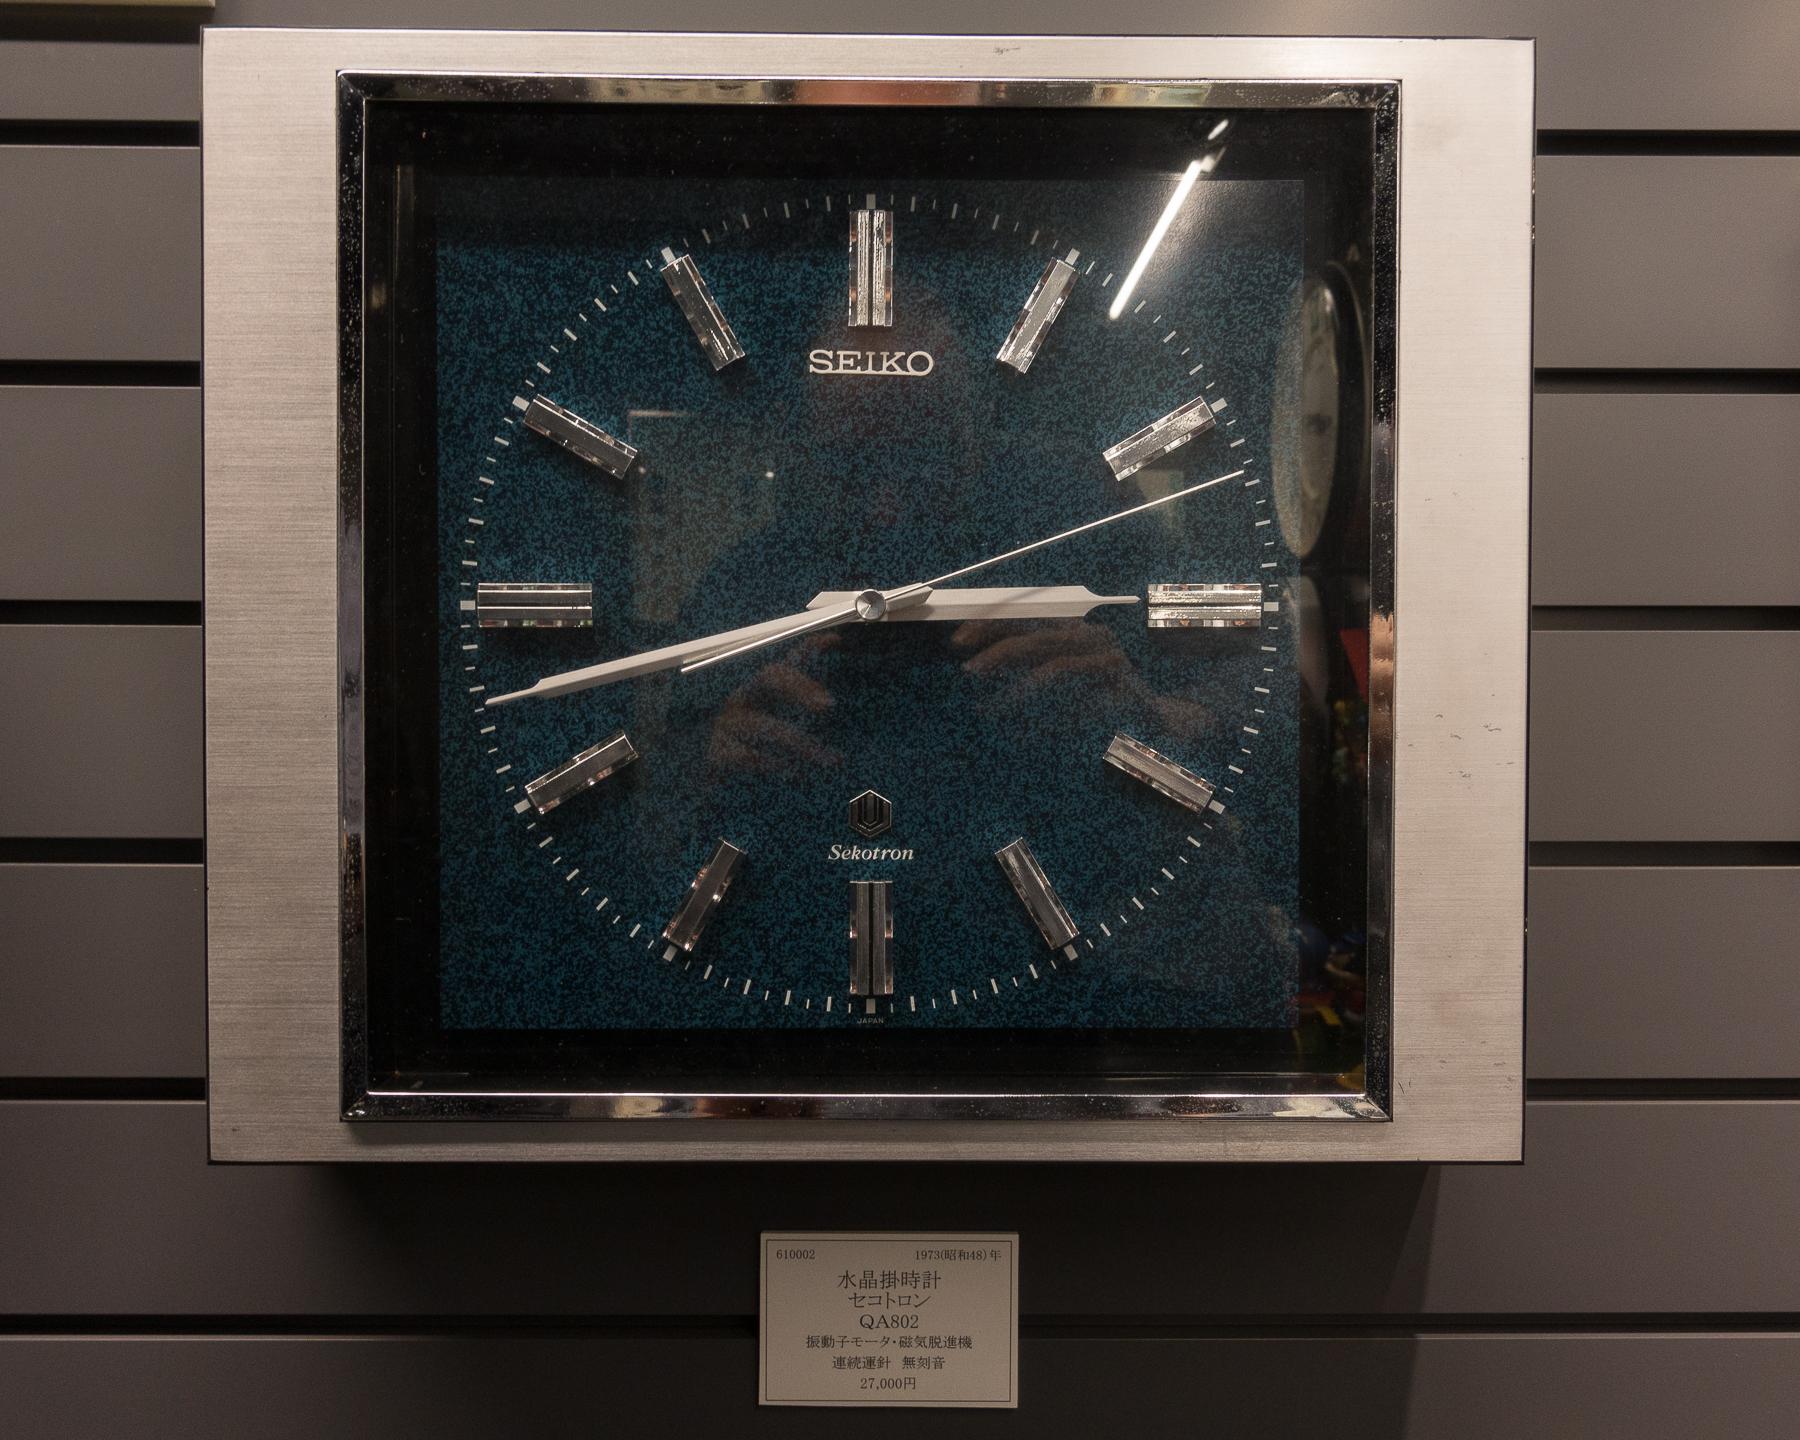 Sekotron Quartz Wall Clock